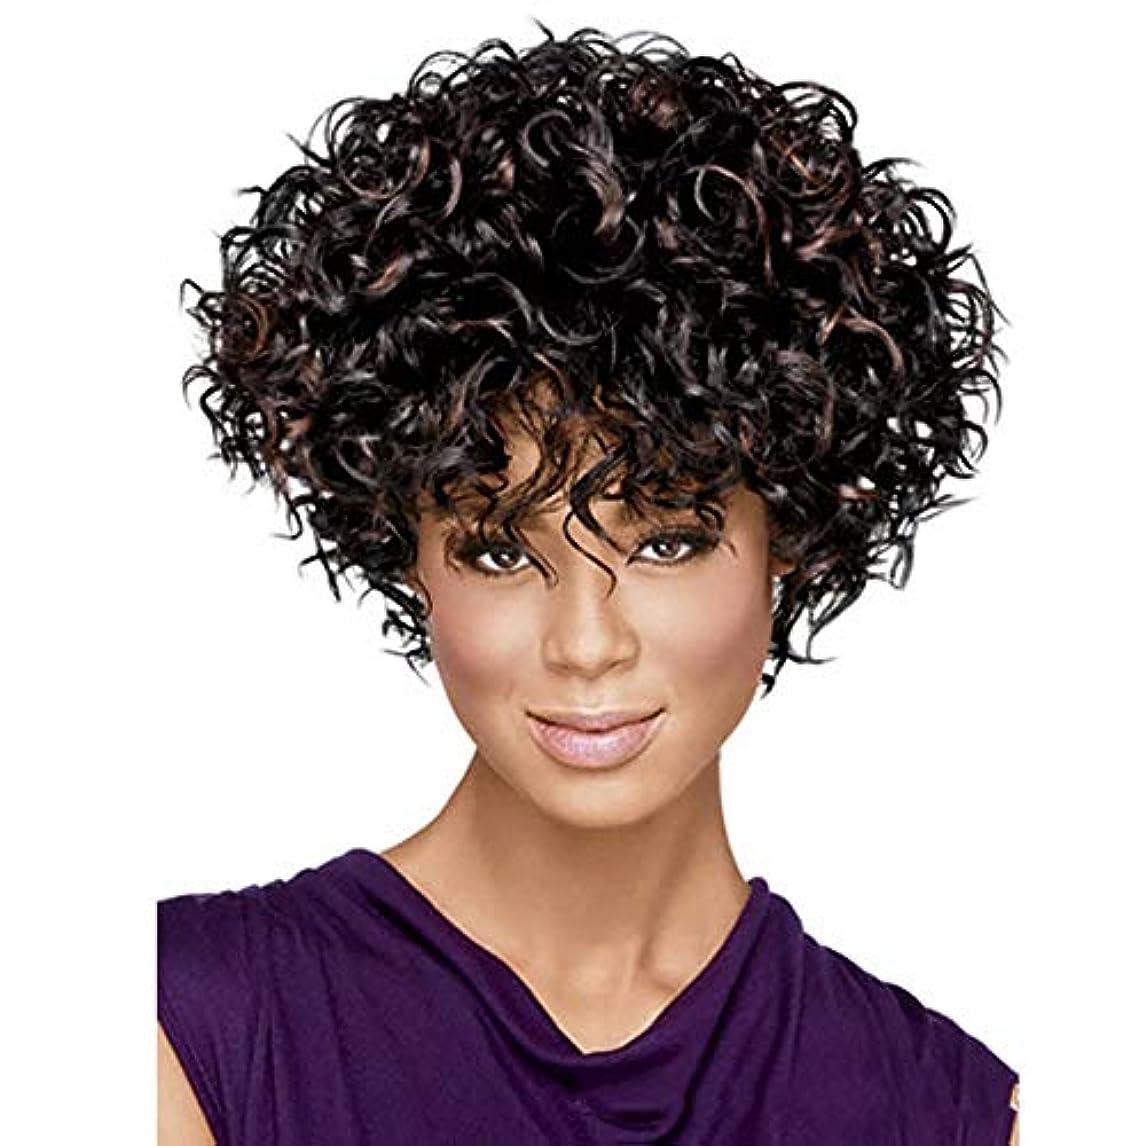 栄光の魅力的質量YOUQIU 女性の自然な人工毛かつら用ショートボブウィッグ6